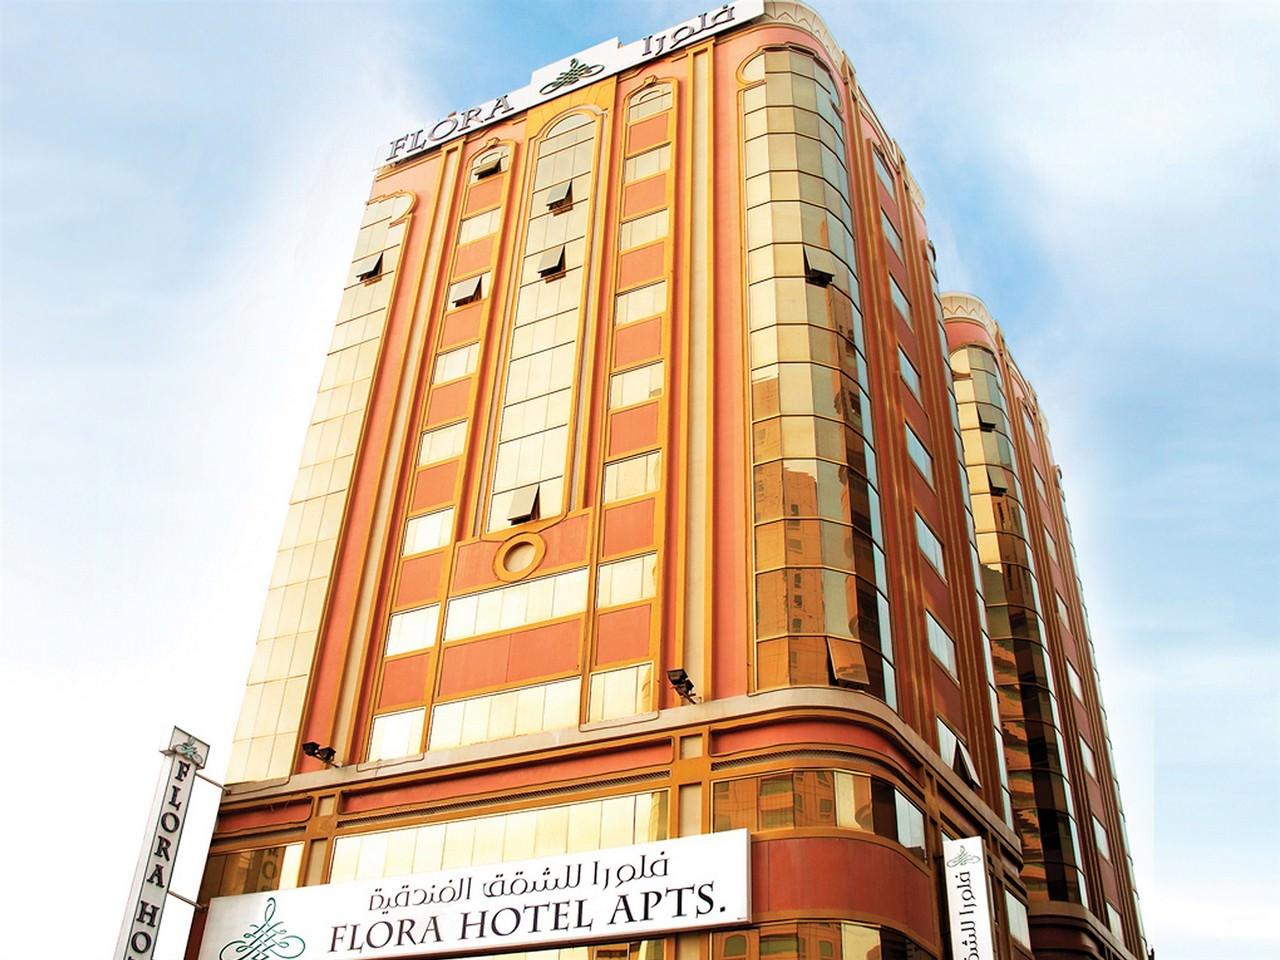 Flora hotel apts official site nasser square deira dubai for Hotel dubai